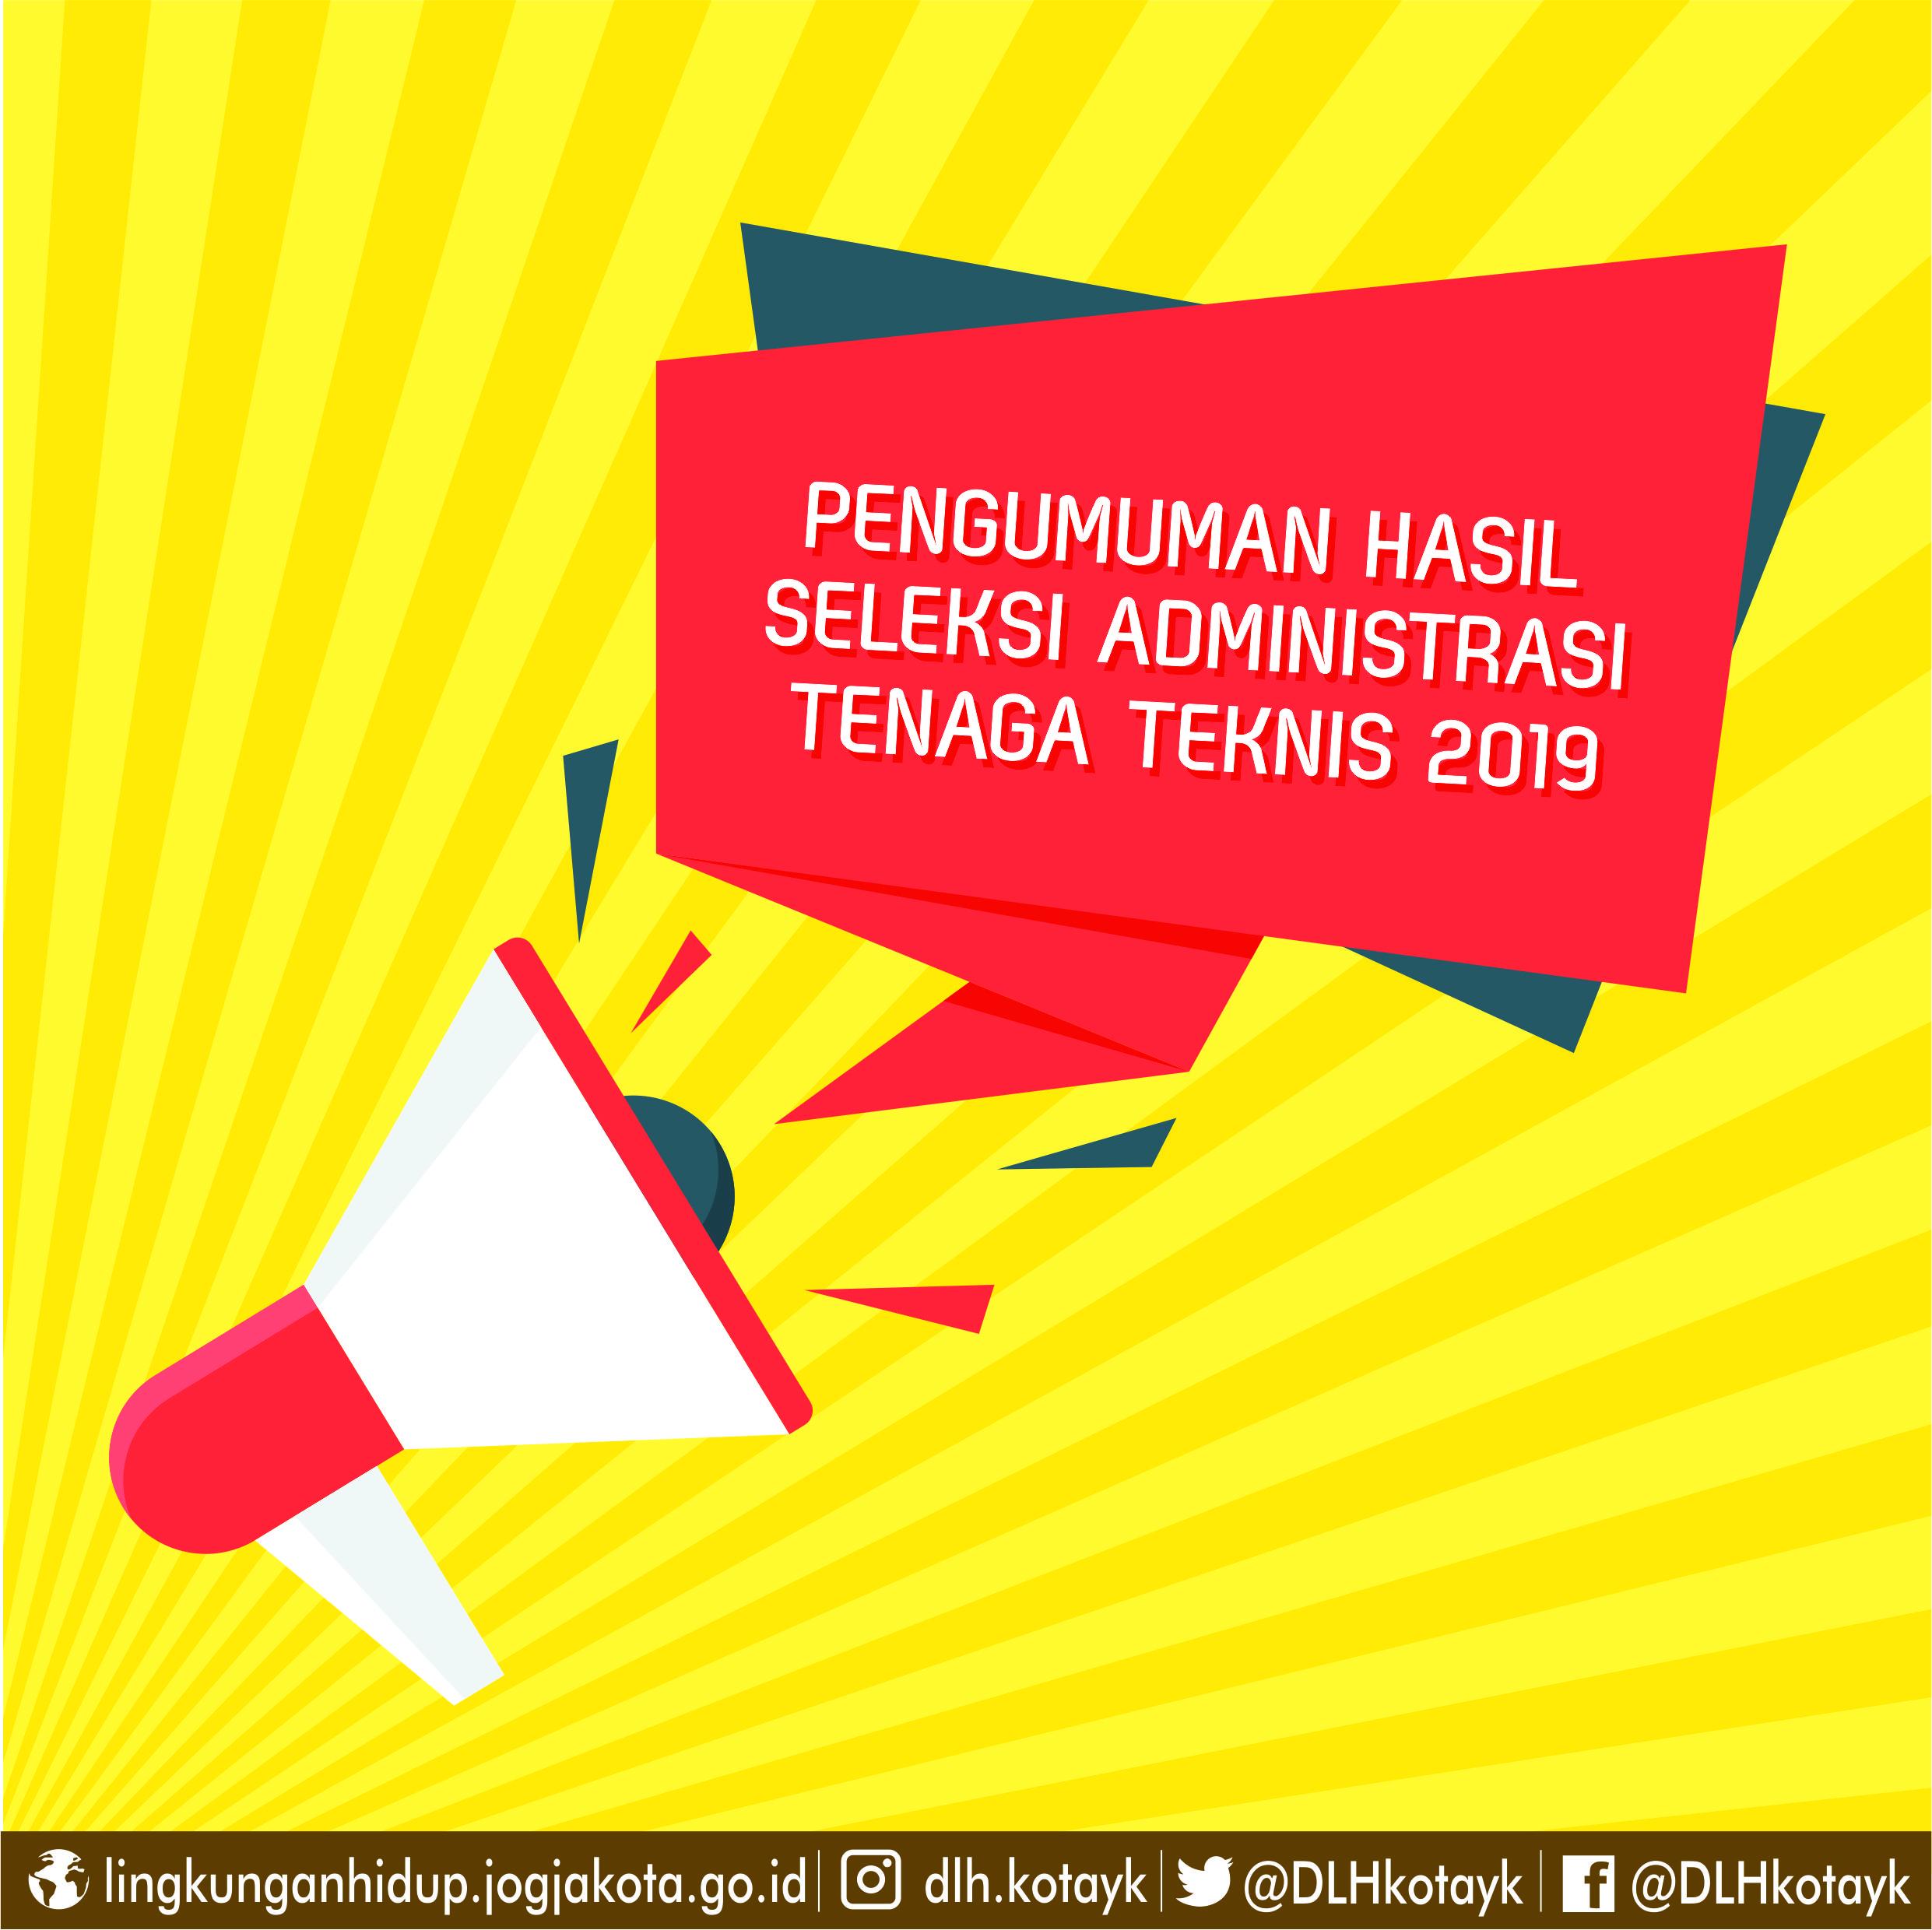 Pengumuman Hasil Seleksi Administrasi Calon Tenaga Teknis DLH Kota Yogyakarta Tahun 2019